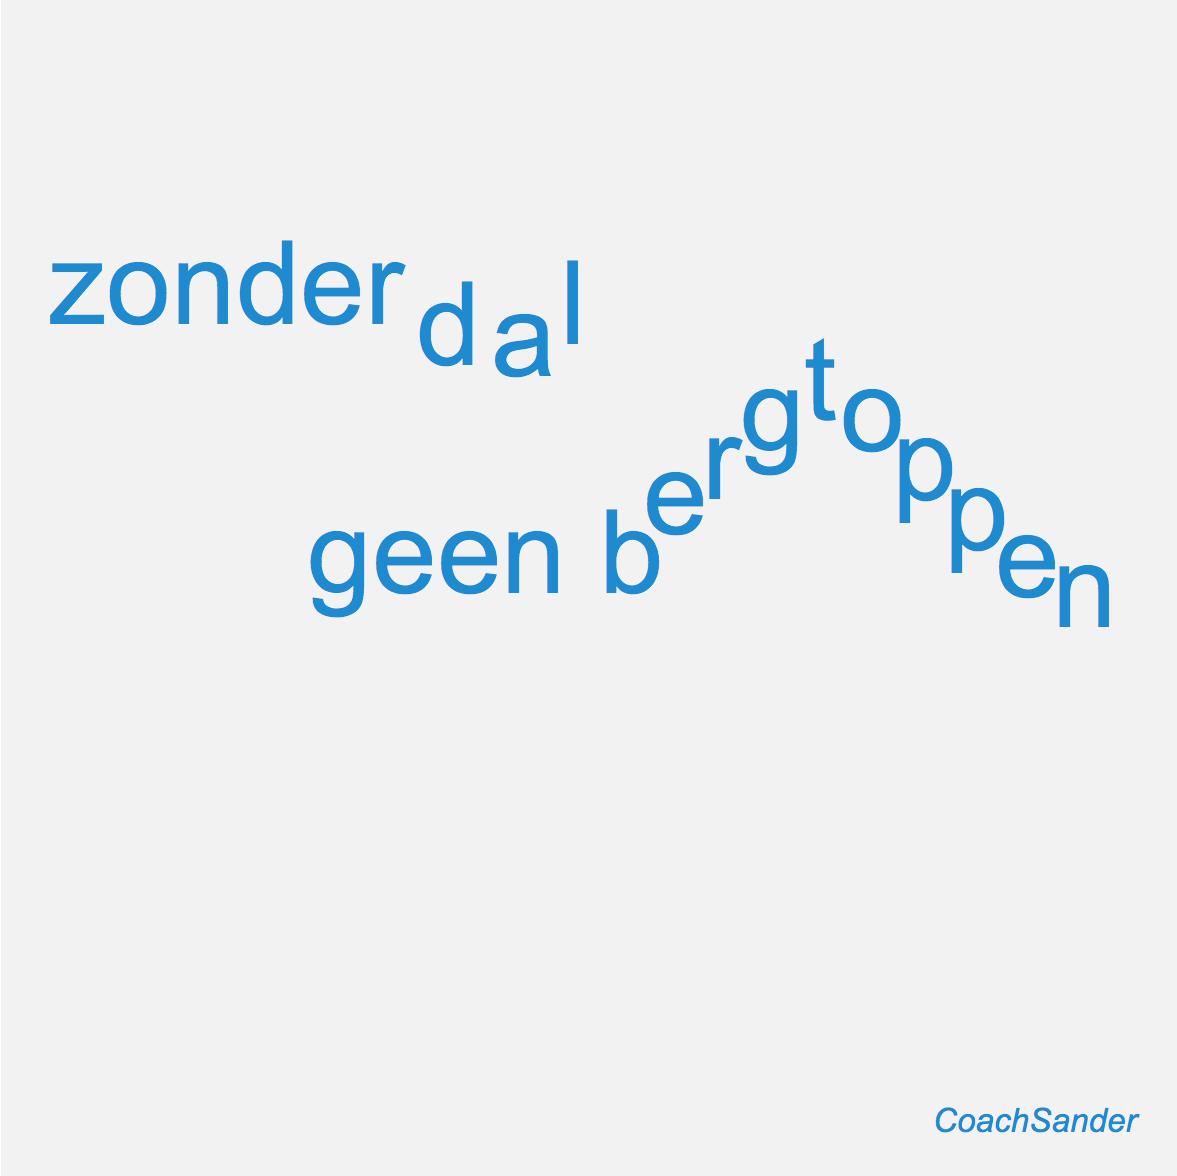 zonder dalen geen bergen - CoachSander.nl